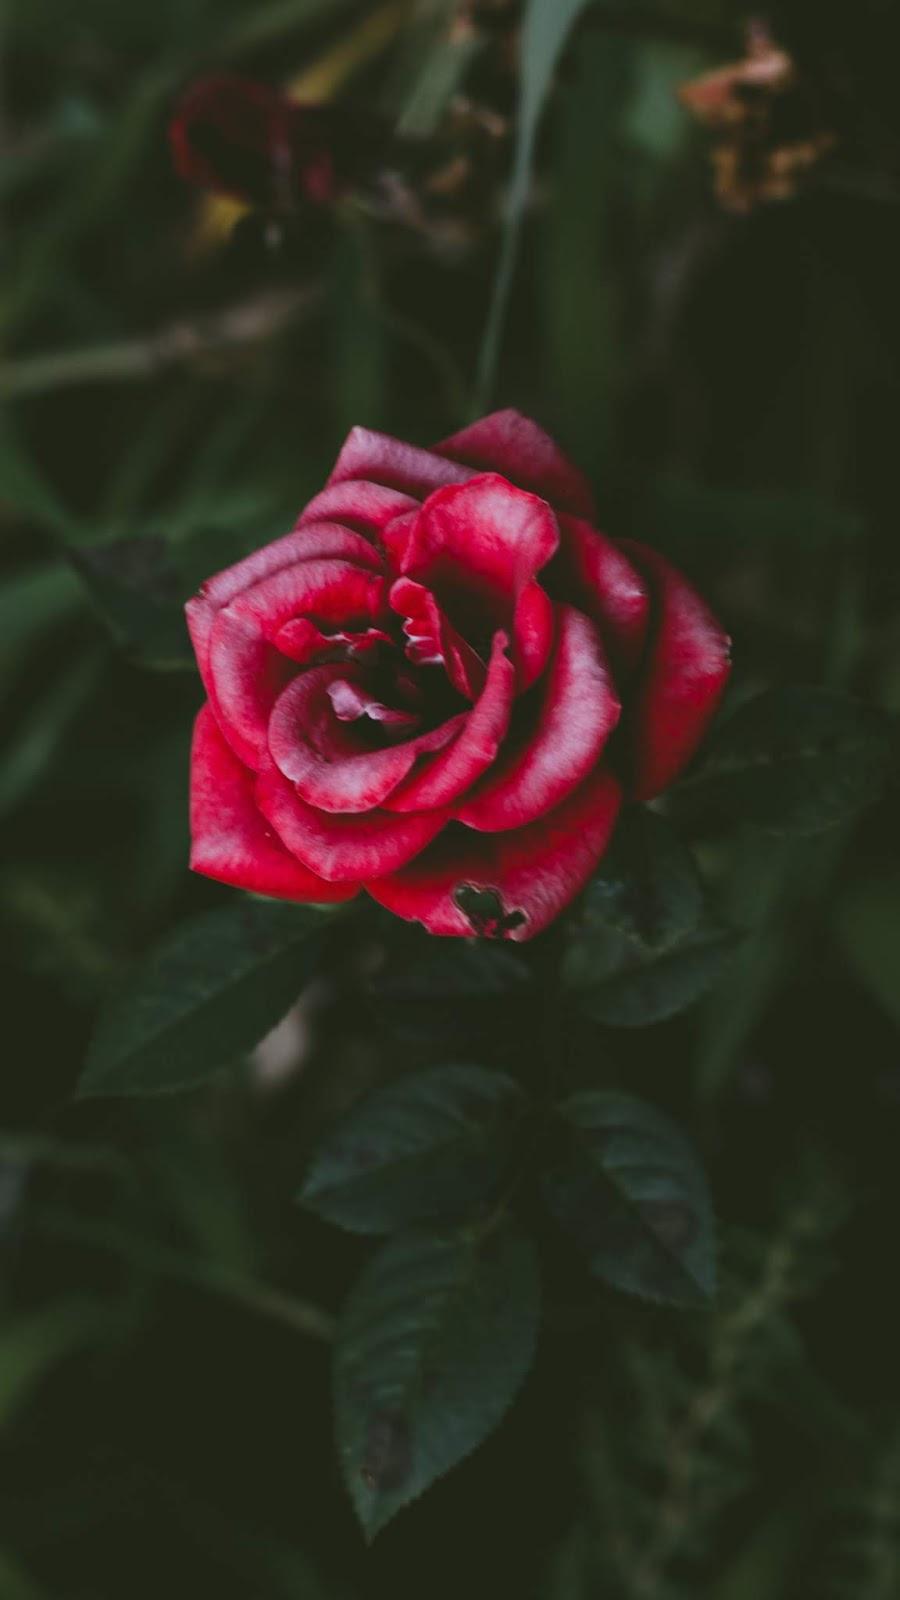 Red rose wallpaper phone